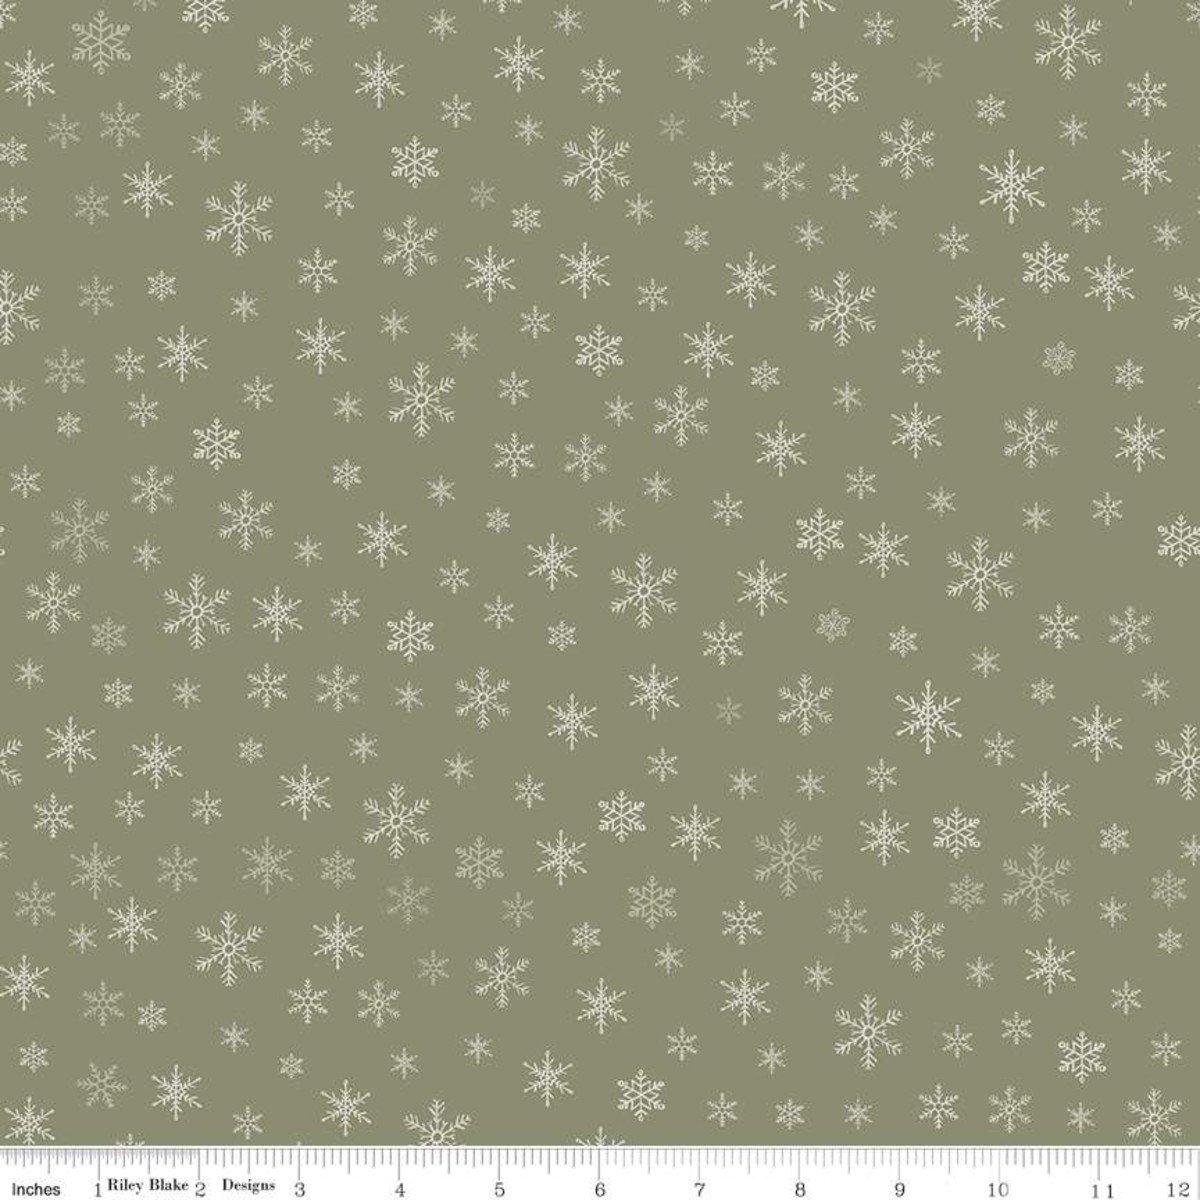 Farmhouse Christmas C10954 Snowflakes Sage